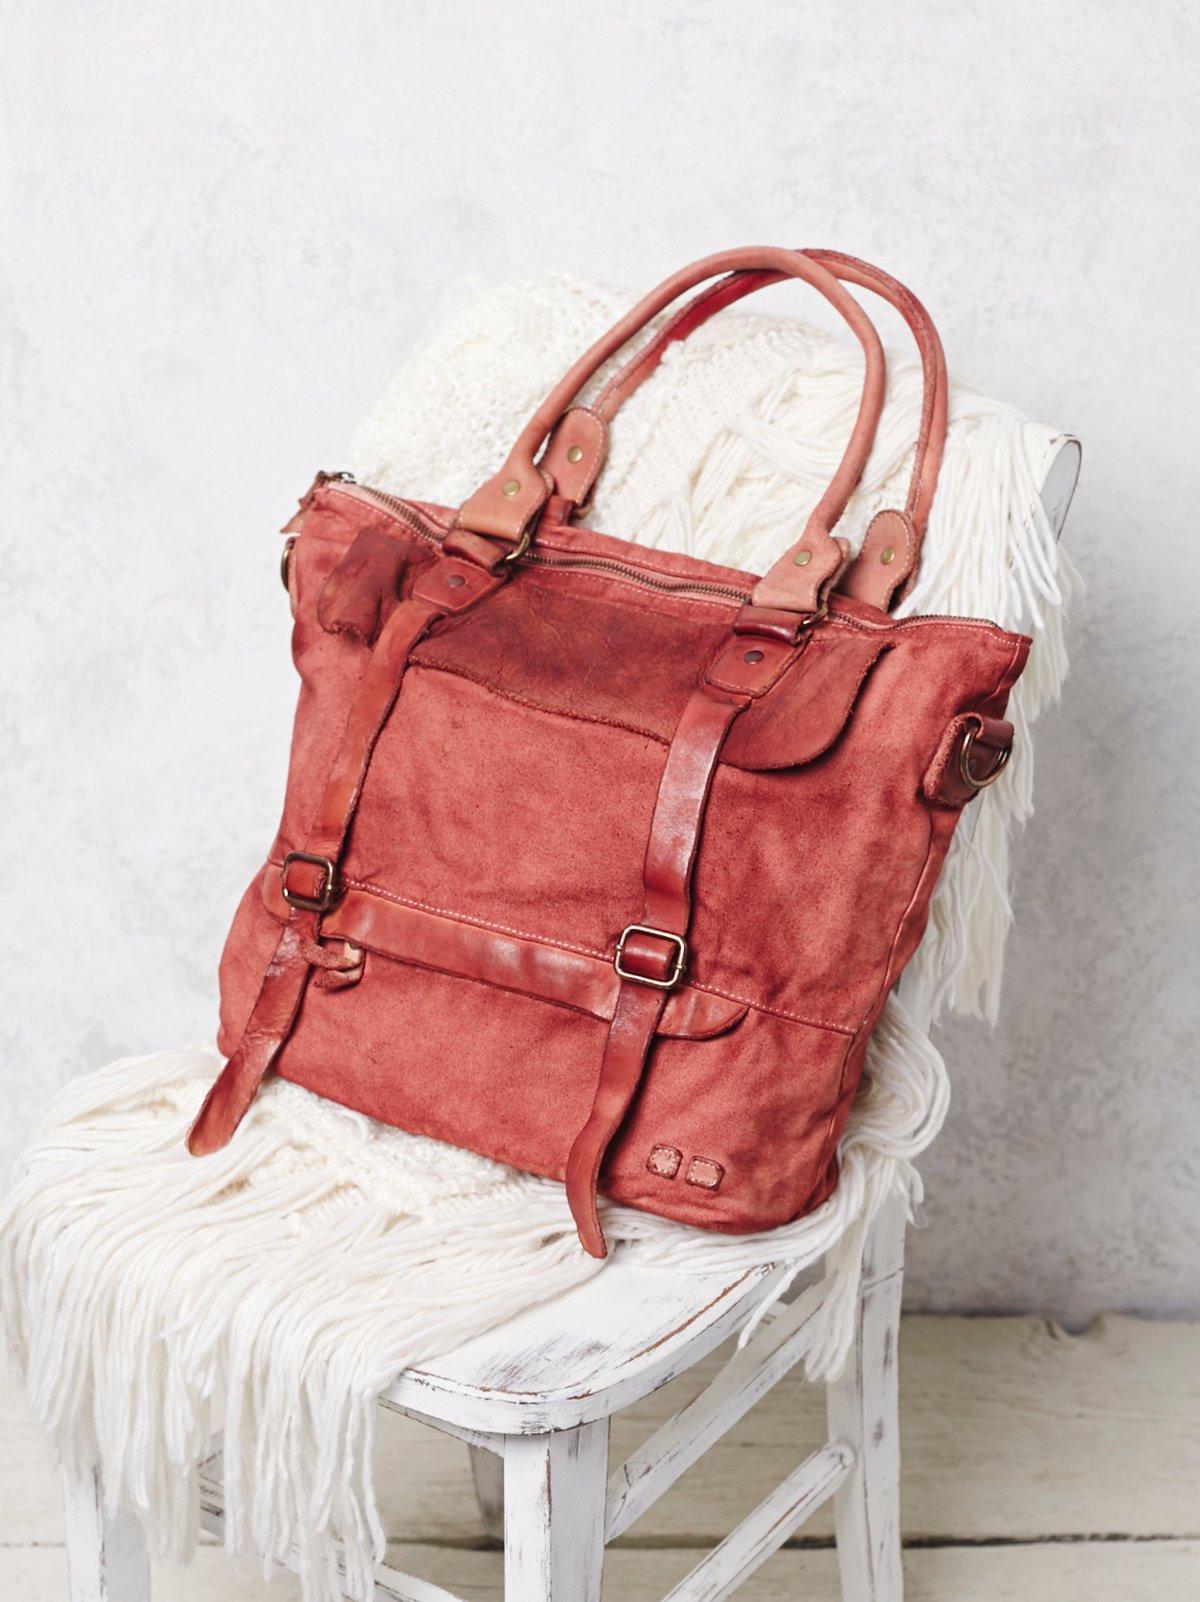 Cascade皮革手提包